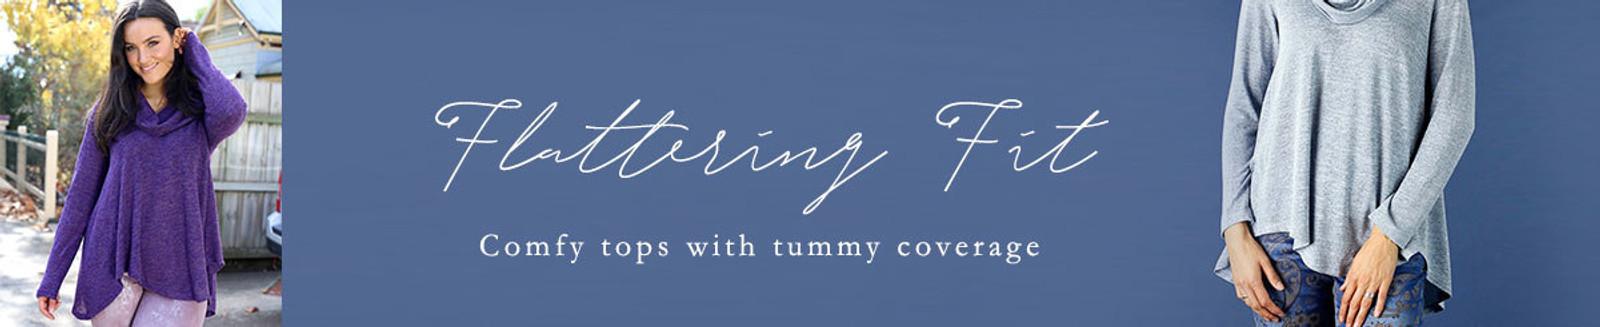 Tummy Hiders